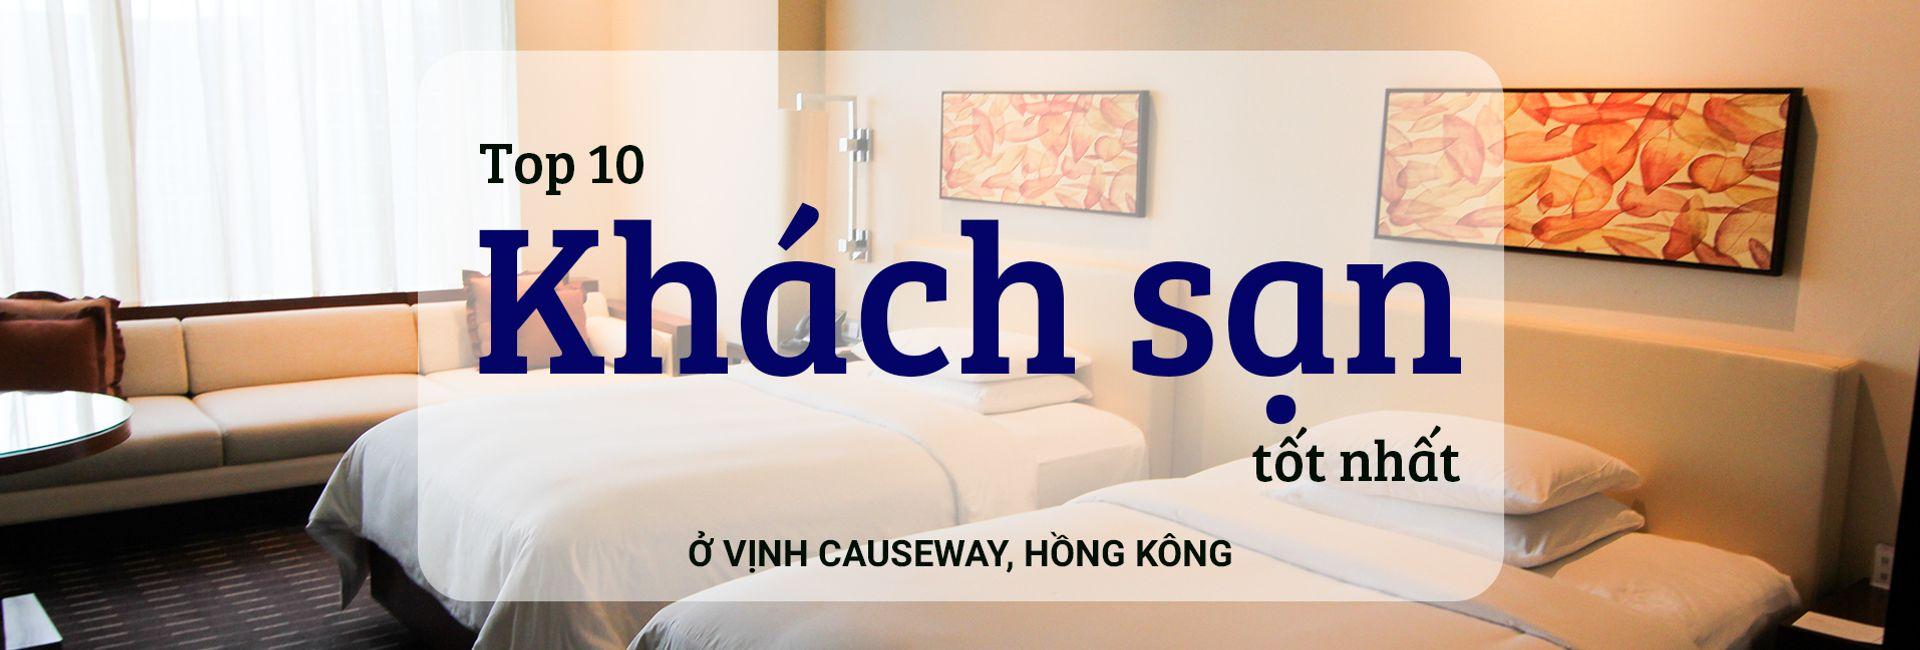 Top 10 khách sạn tốt nhất ở Vịnh Causeway, Hồng Kông